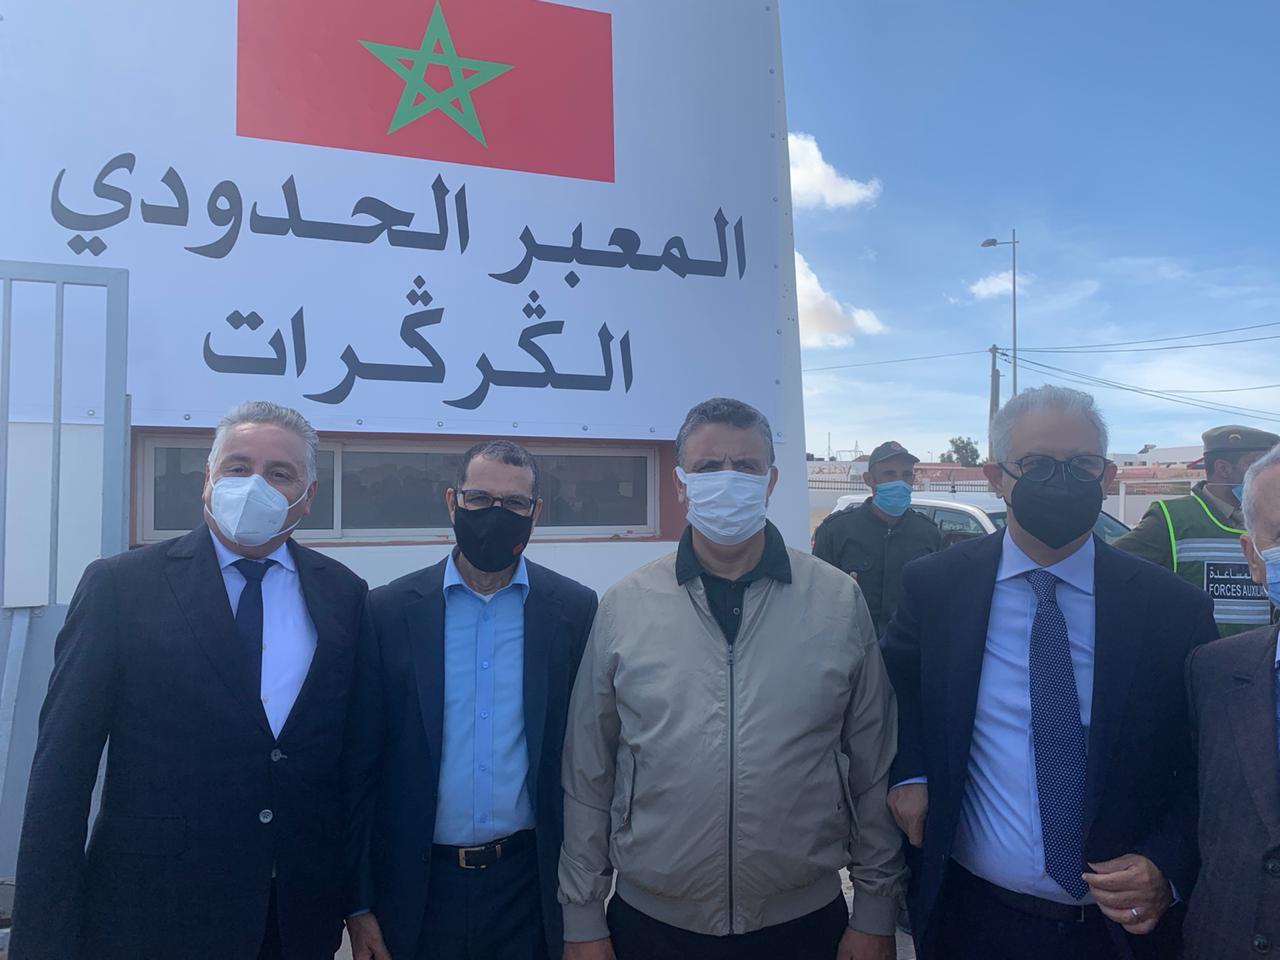 بيان زعماء الاحزاب السياسية الوطنية من قلب الكركرات بالصحراء المغربية